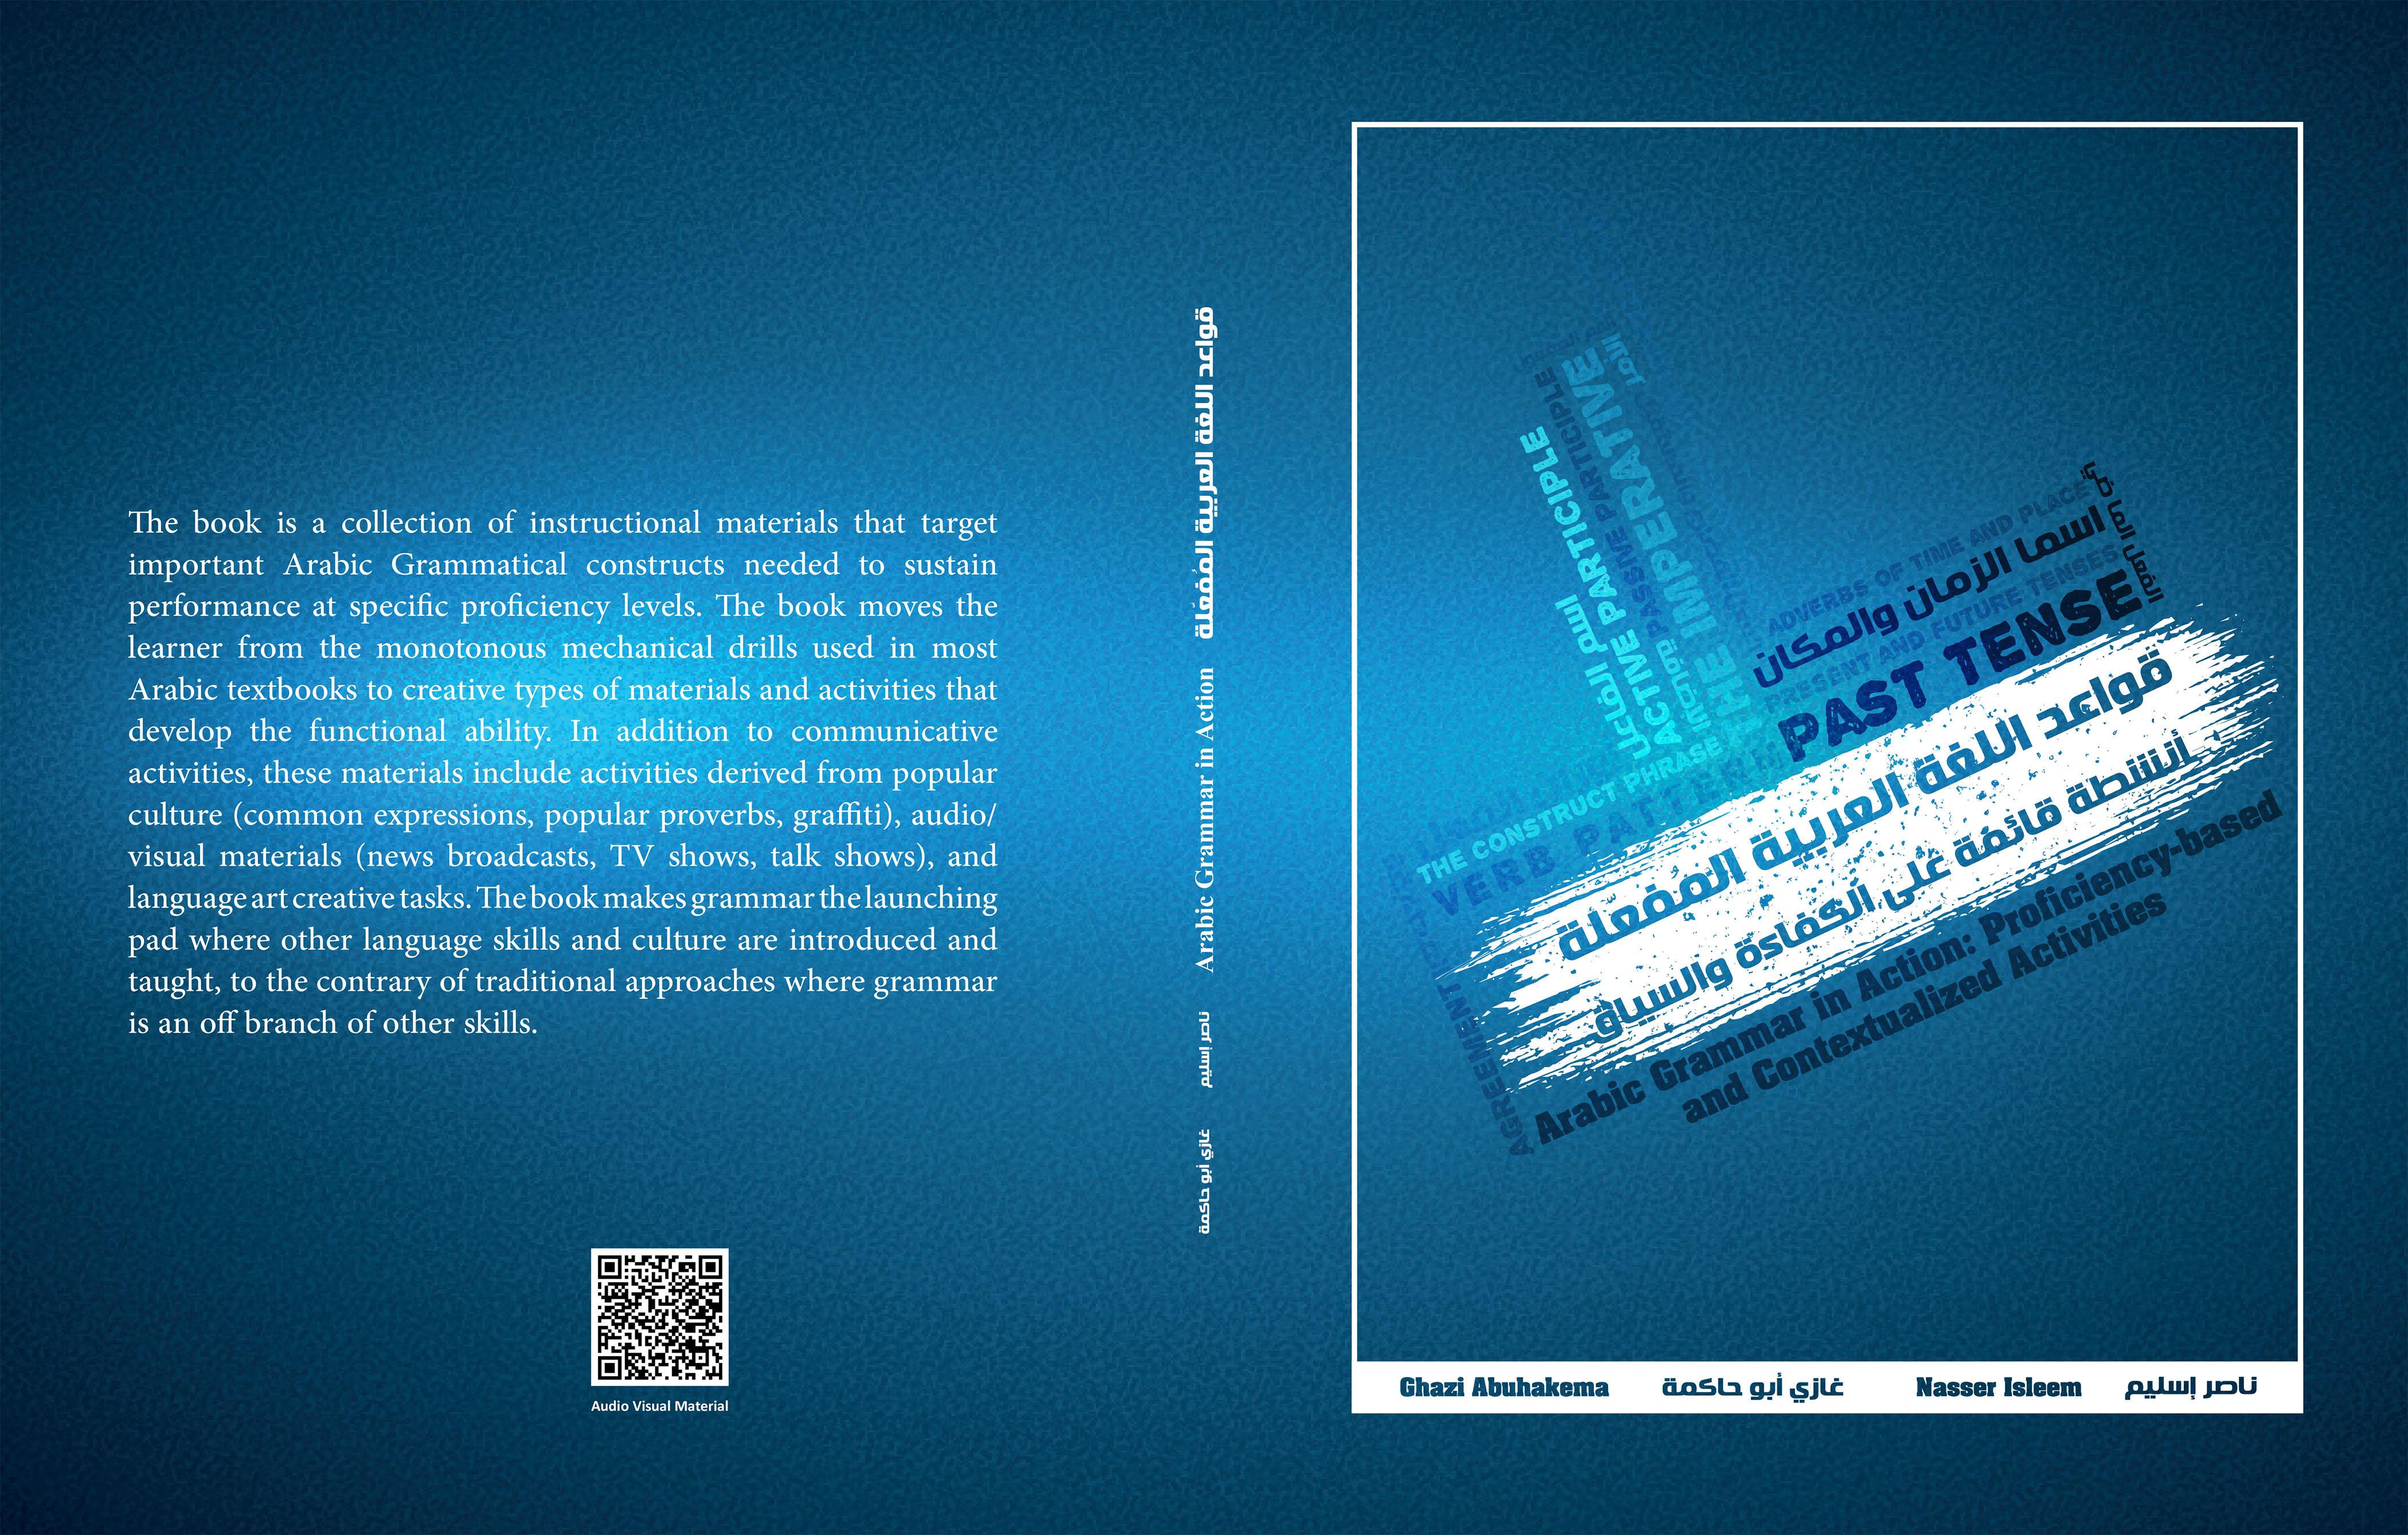 كتاب جديد عن قواعد اللغة العربية لغير الناطقين بها